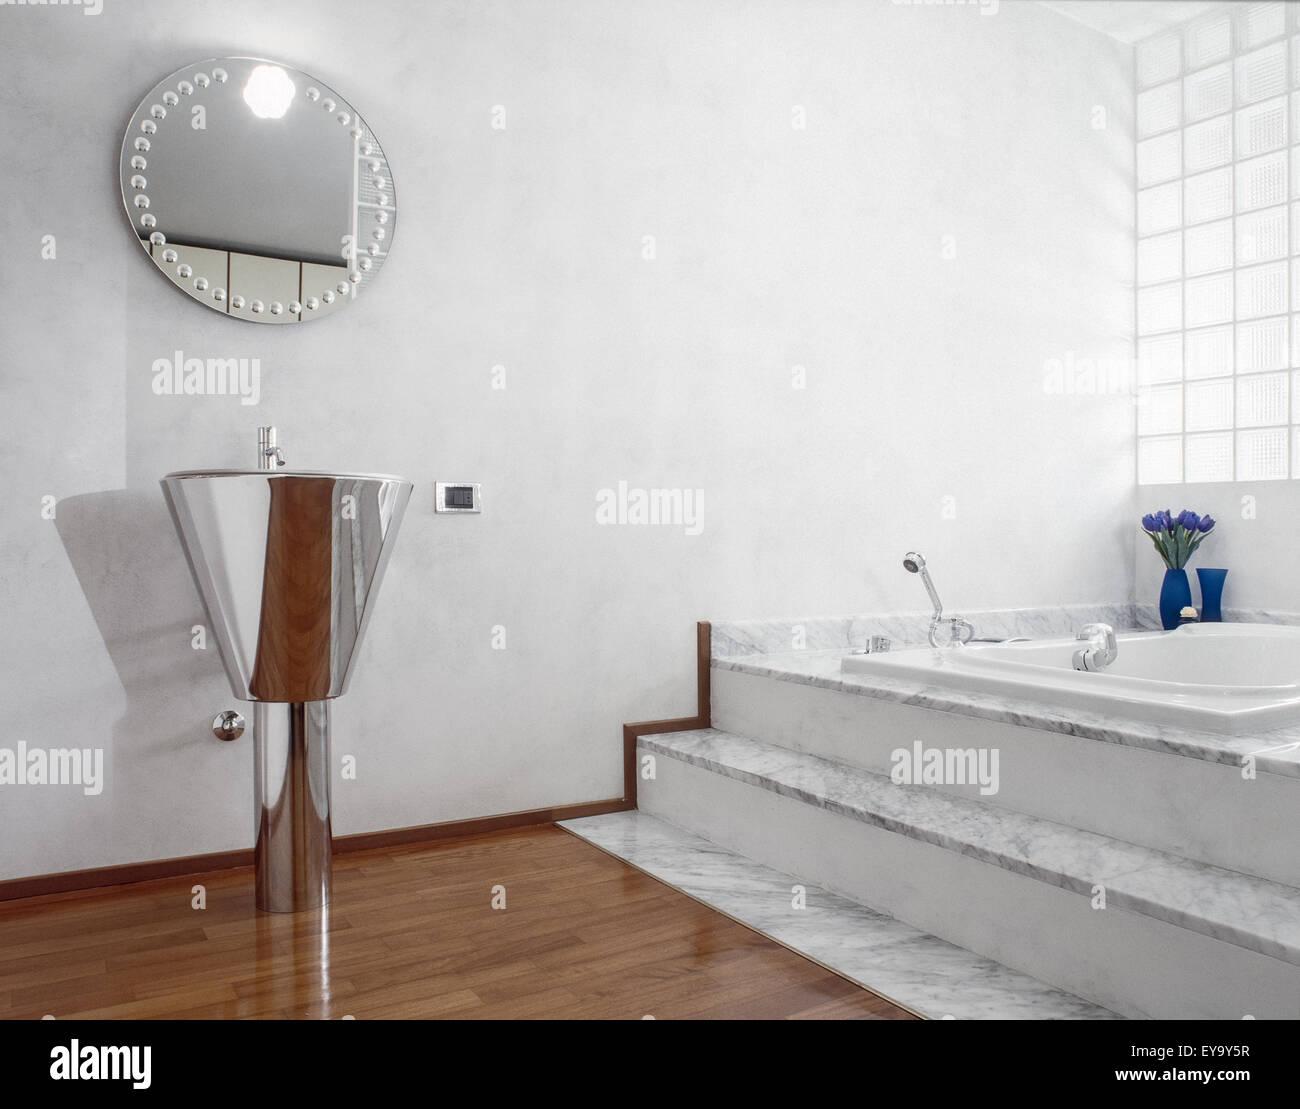 Lavabi In Acciaio Bagno.Vista Interna Del Moderno Bagno Con Lavabo In Acciaio E Pavimento In